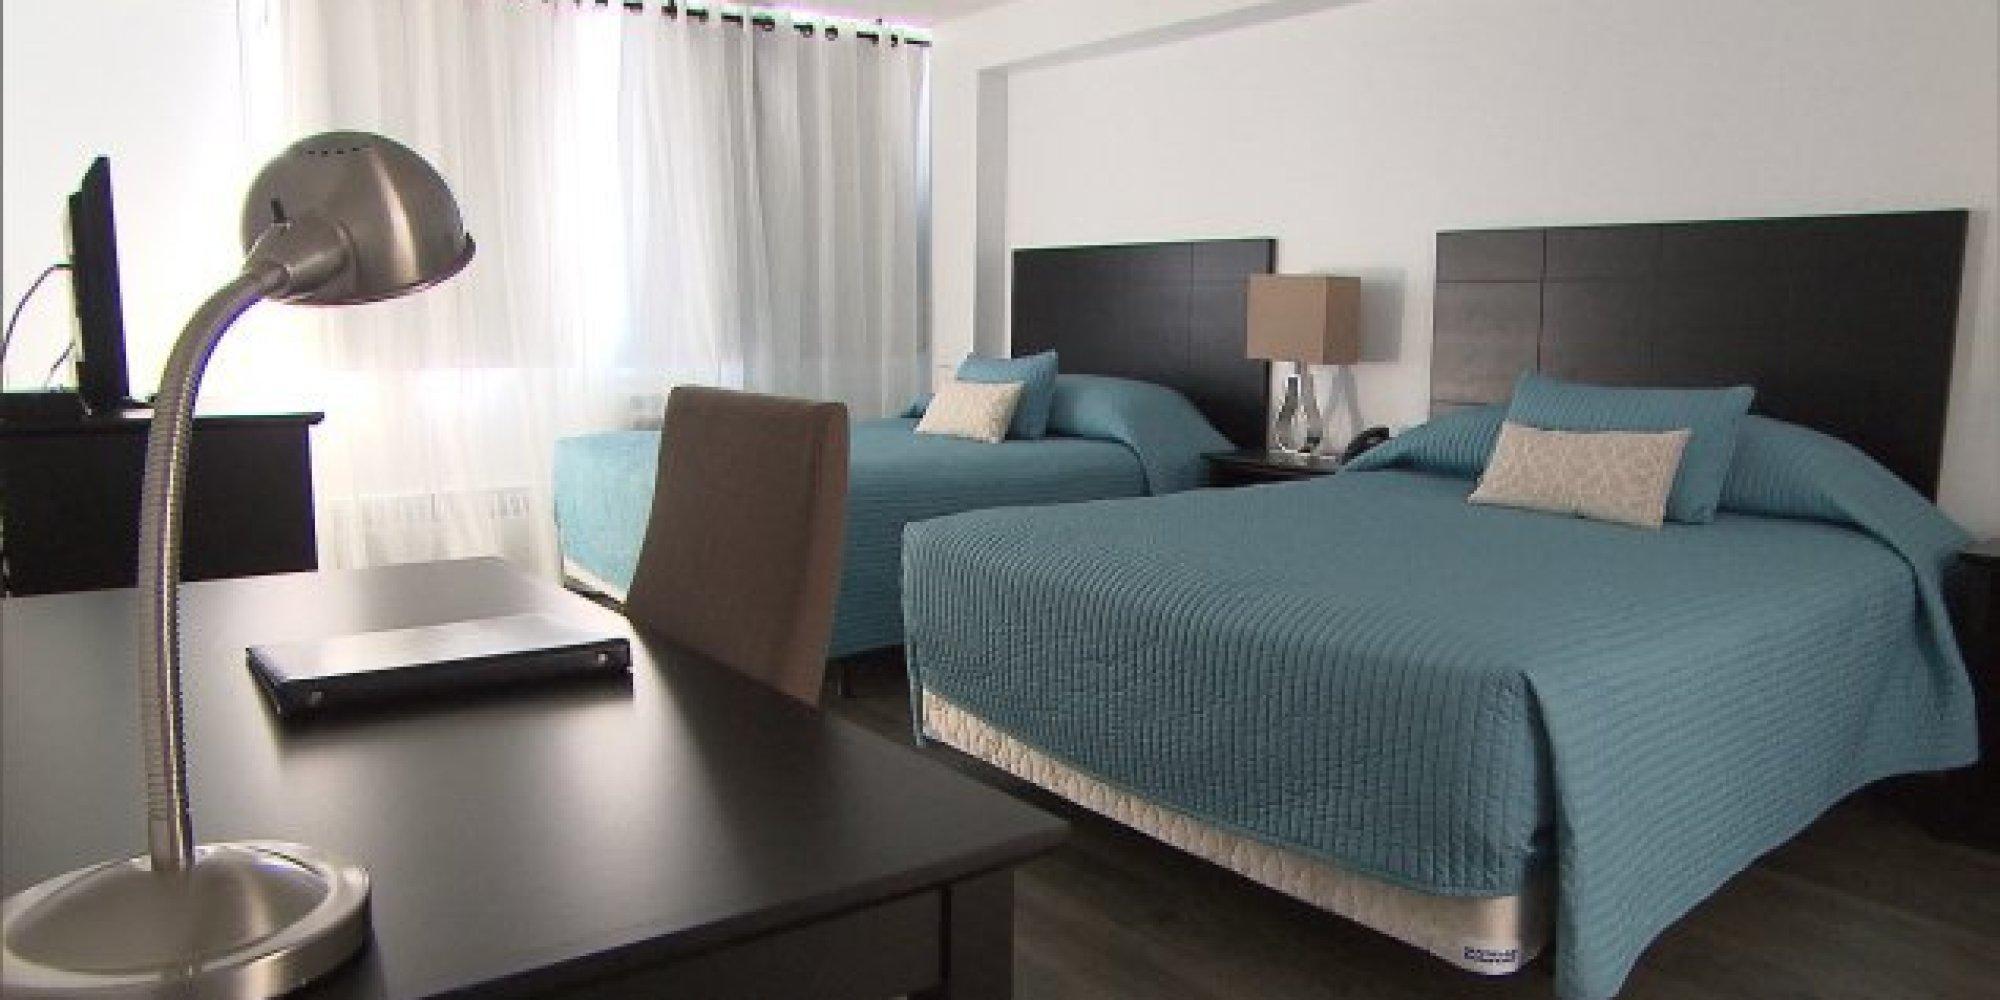 une nouvelle application pour louer des chambres d 39 h tel l 39 heure vid o. Black Bedroom Furniture Sets. Home Design Ideas